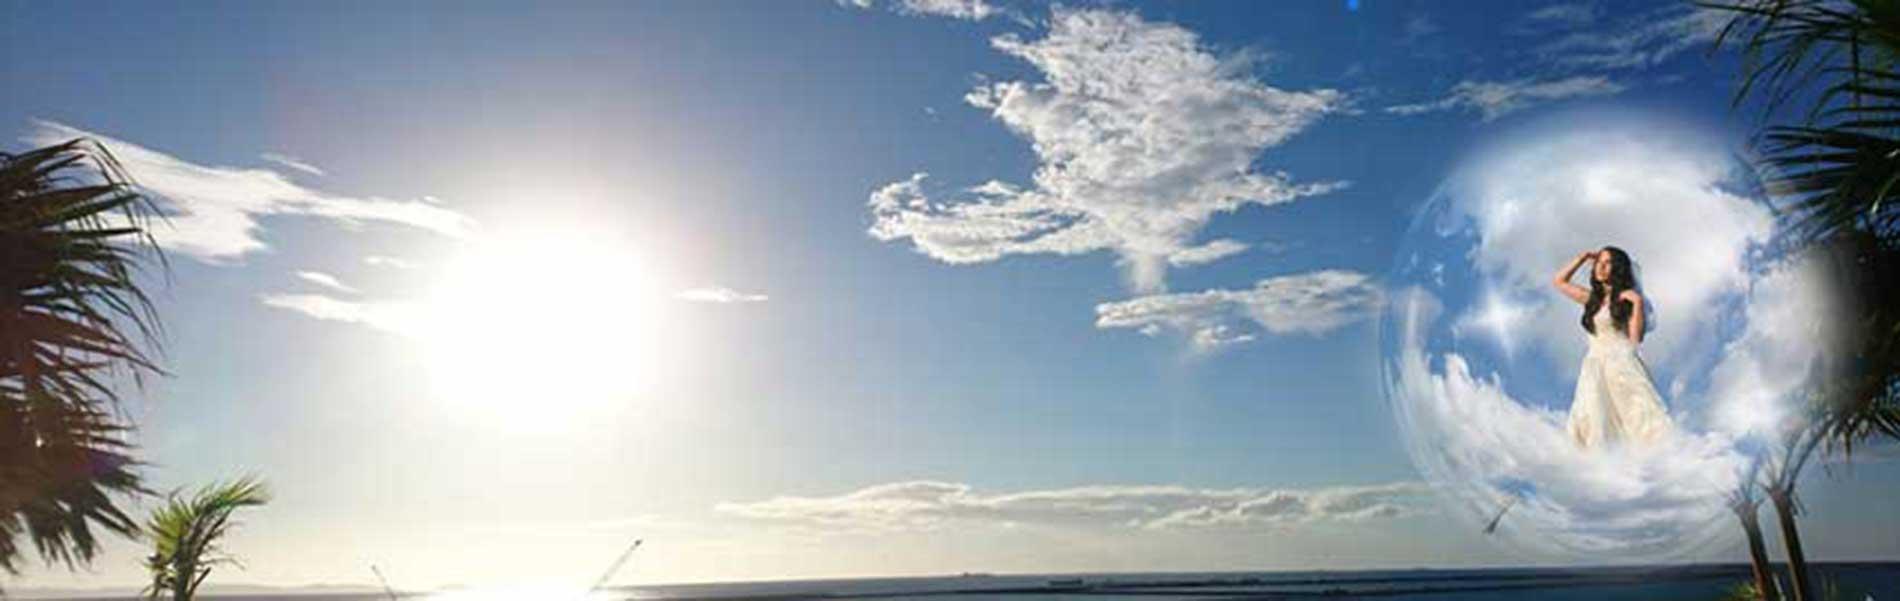 潜在意識沖縄